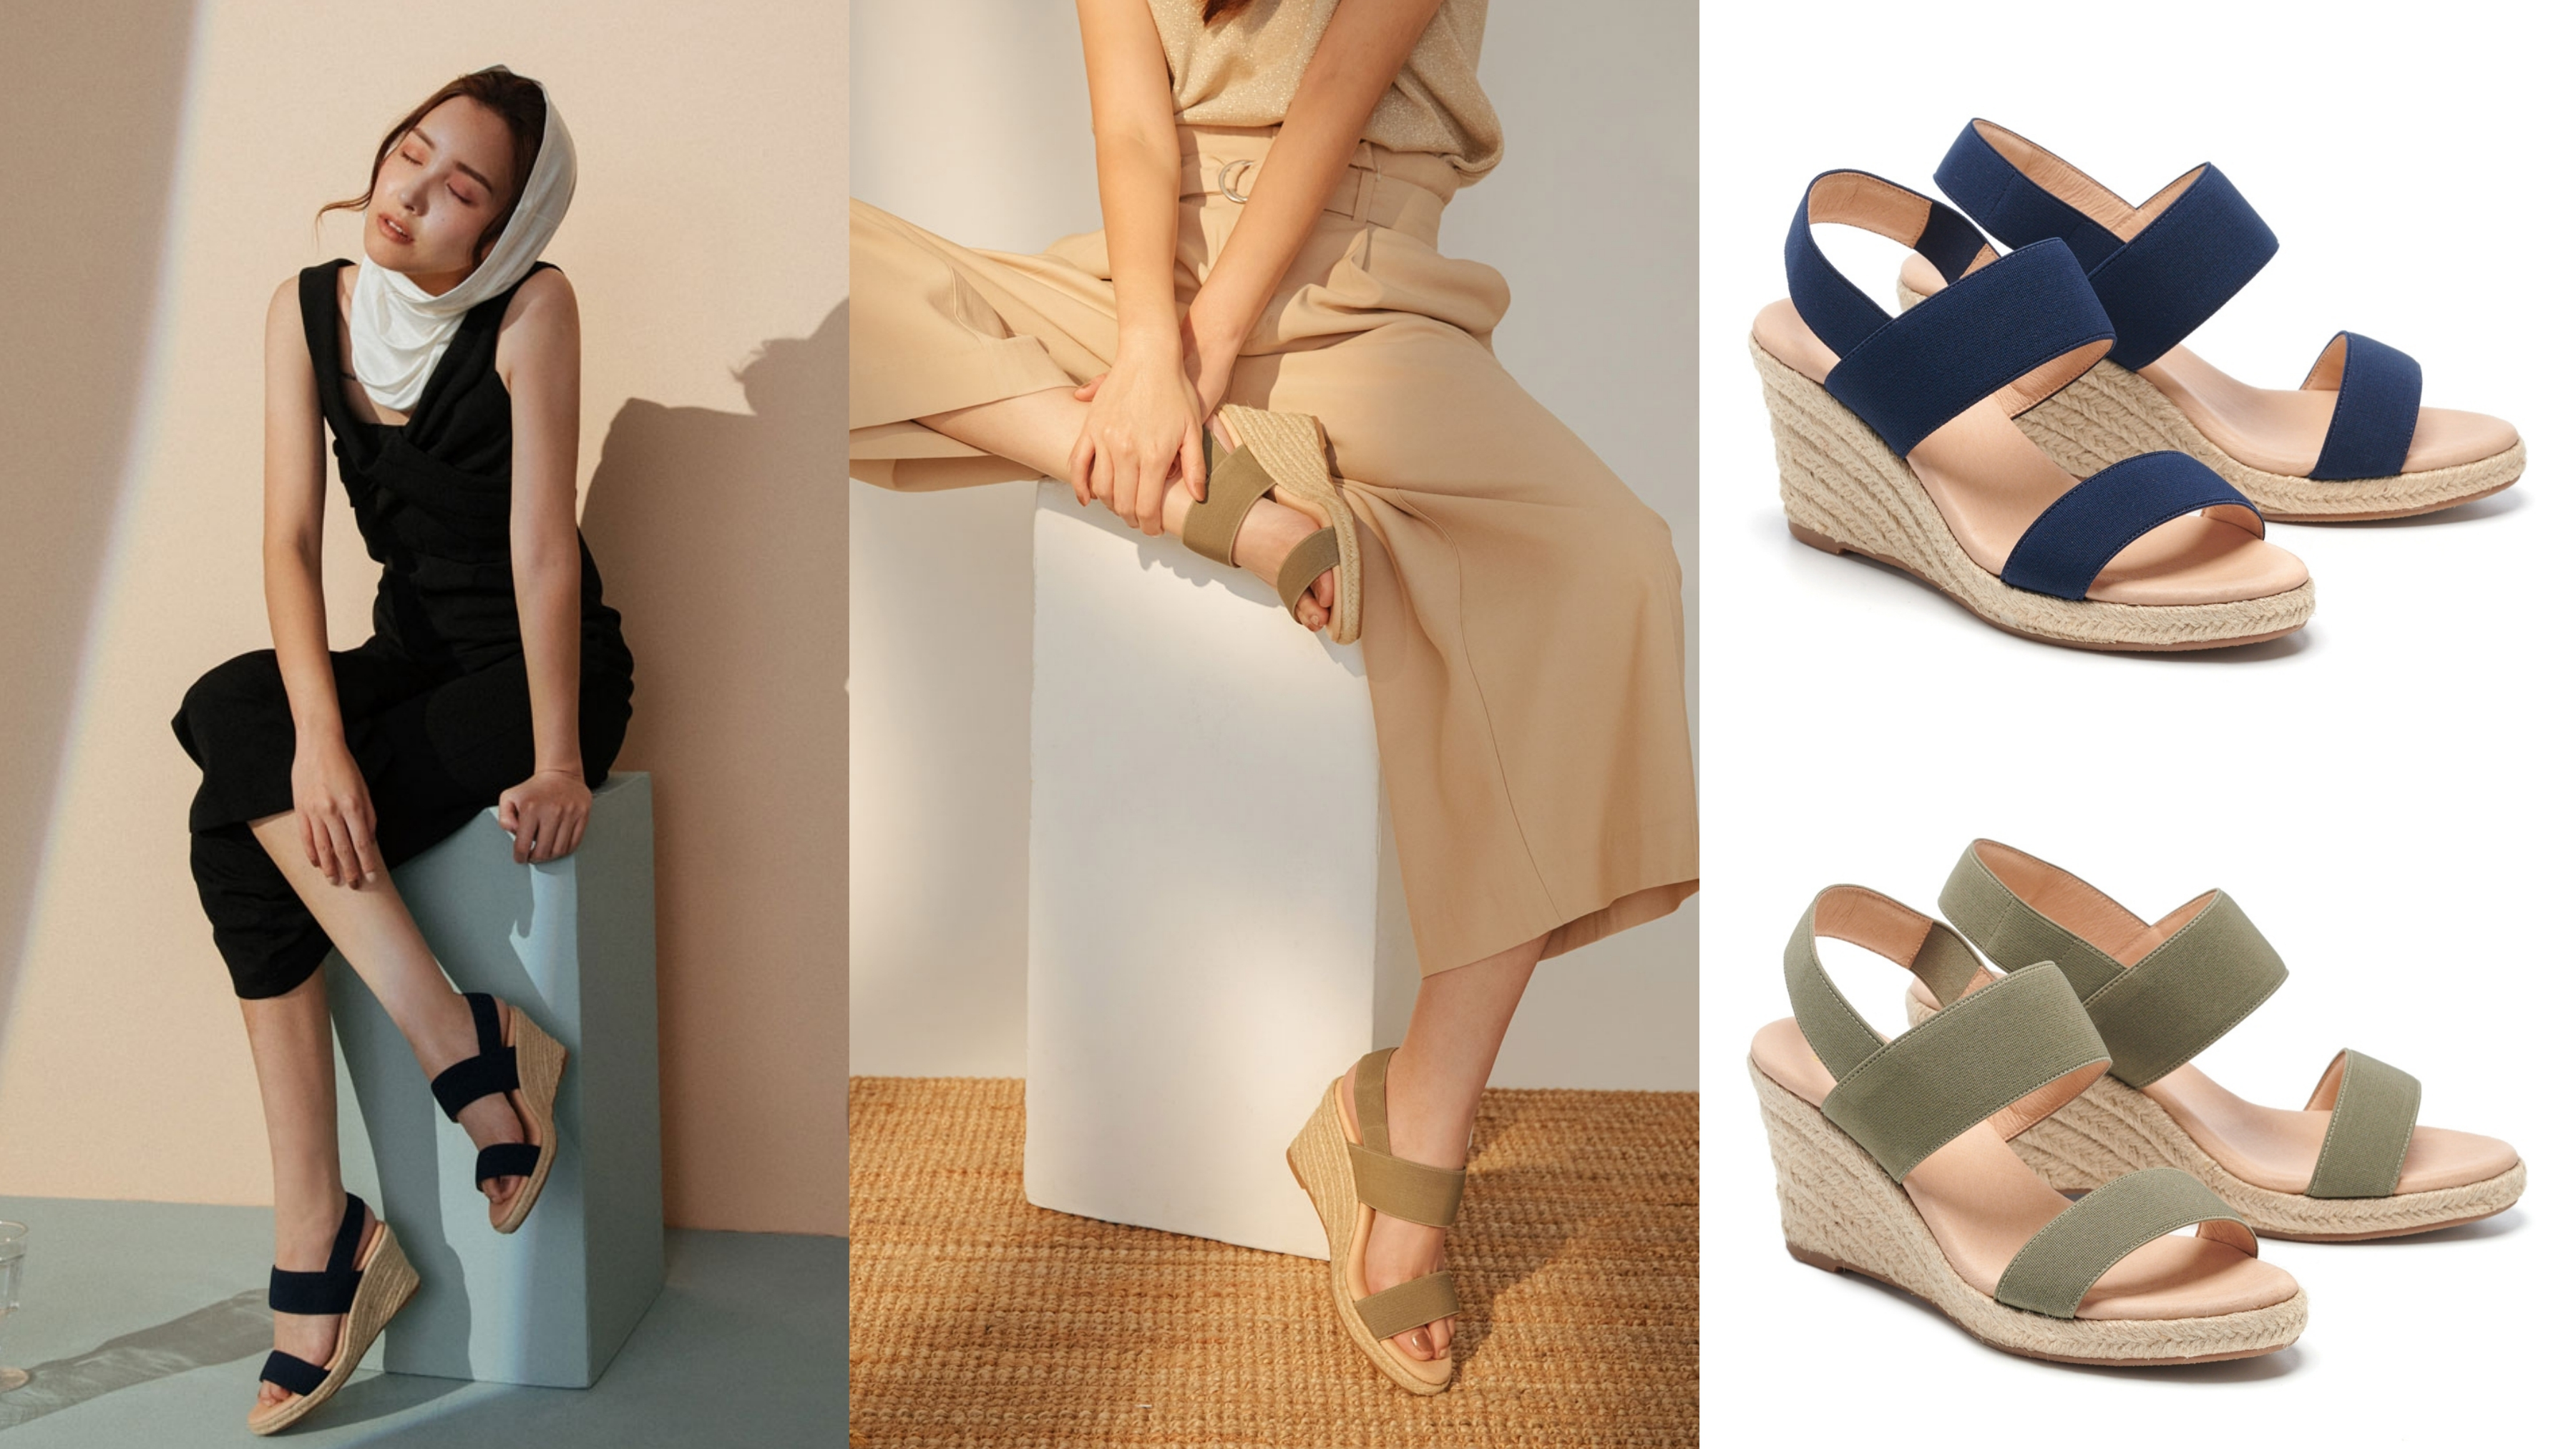 夏日必備百搭修身舒適涼鞋款,精選質感彈力鬆緊帶面料製成